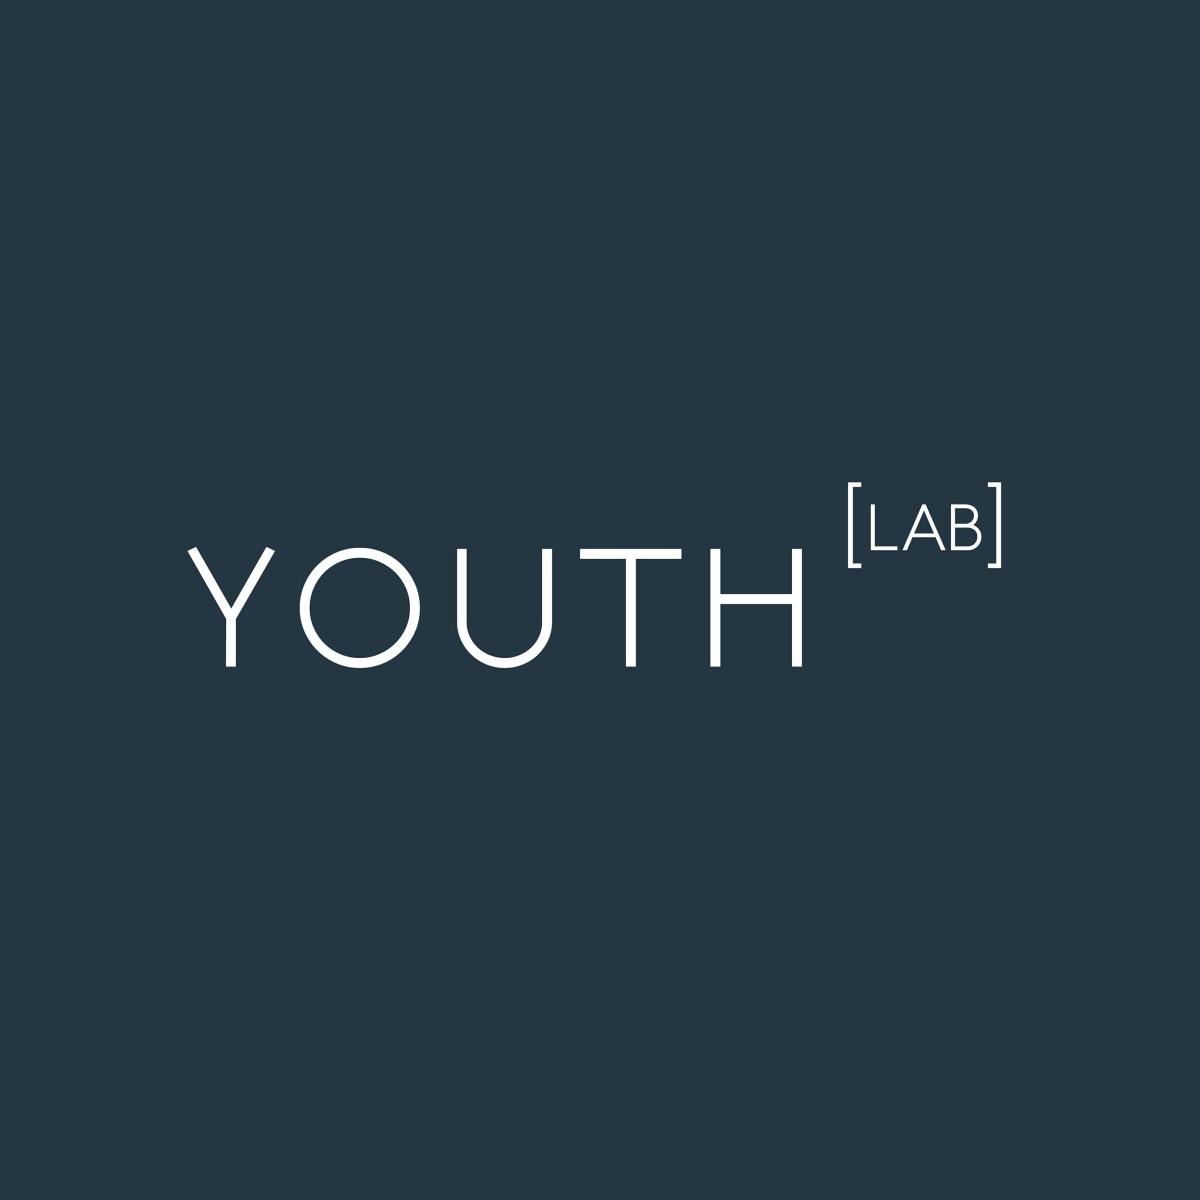 YL+Main+Alternate+Logo+-+1200+x+1200.jpg